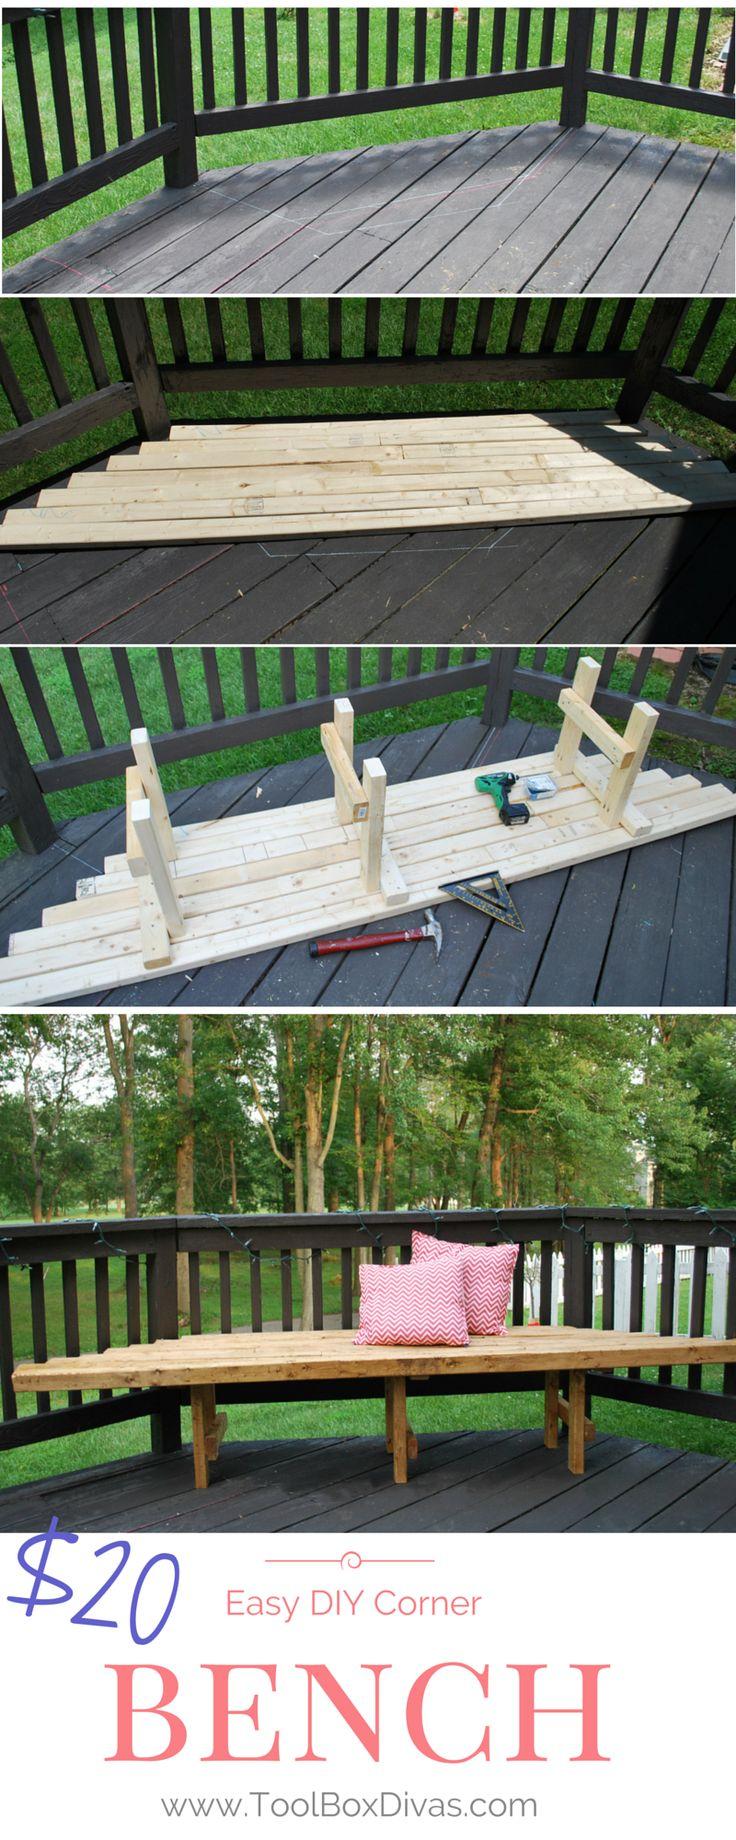 Easy Diy Corner Bench